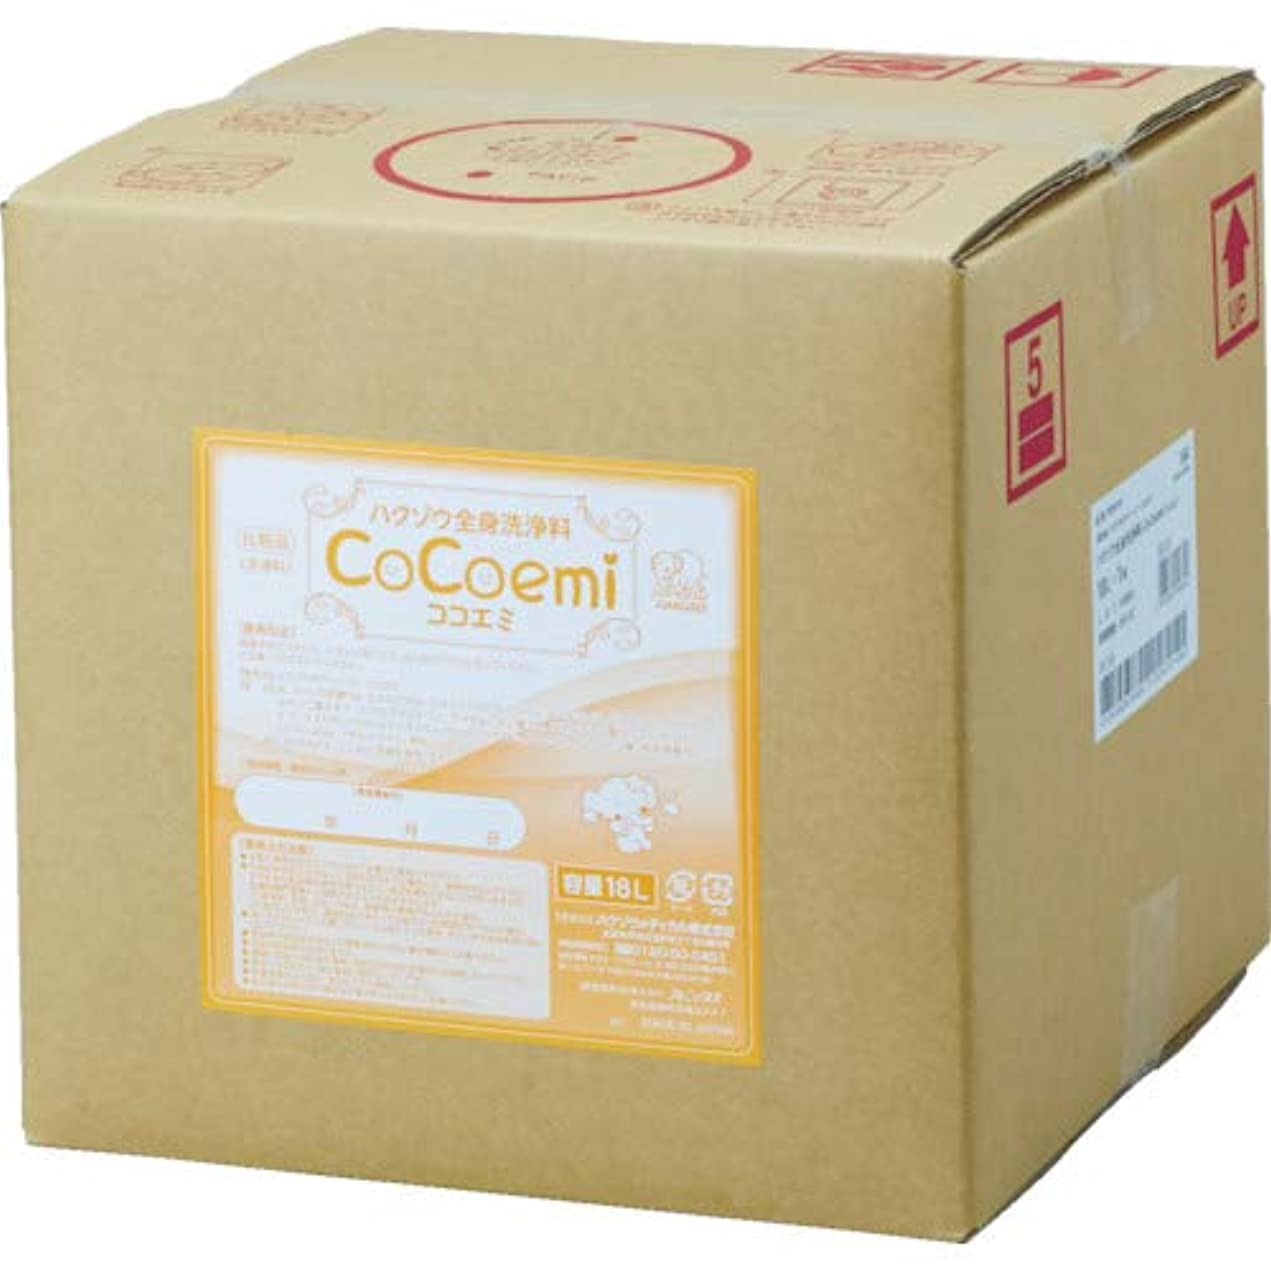 頭痛カフェテリア賢明なハクゾウメディカル ハクゾウ全身洗浄料CoCoemi(ココエミ) 18L 3009018